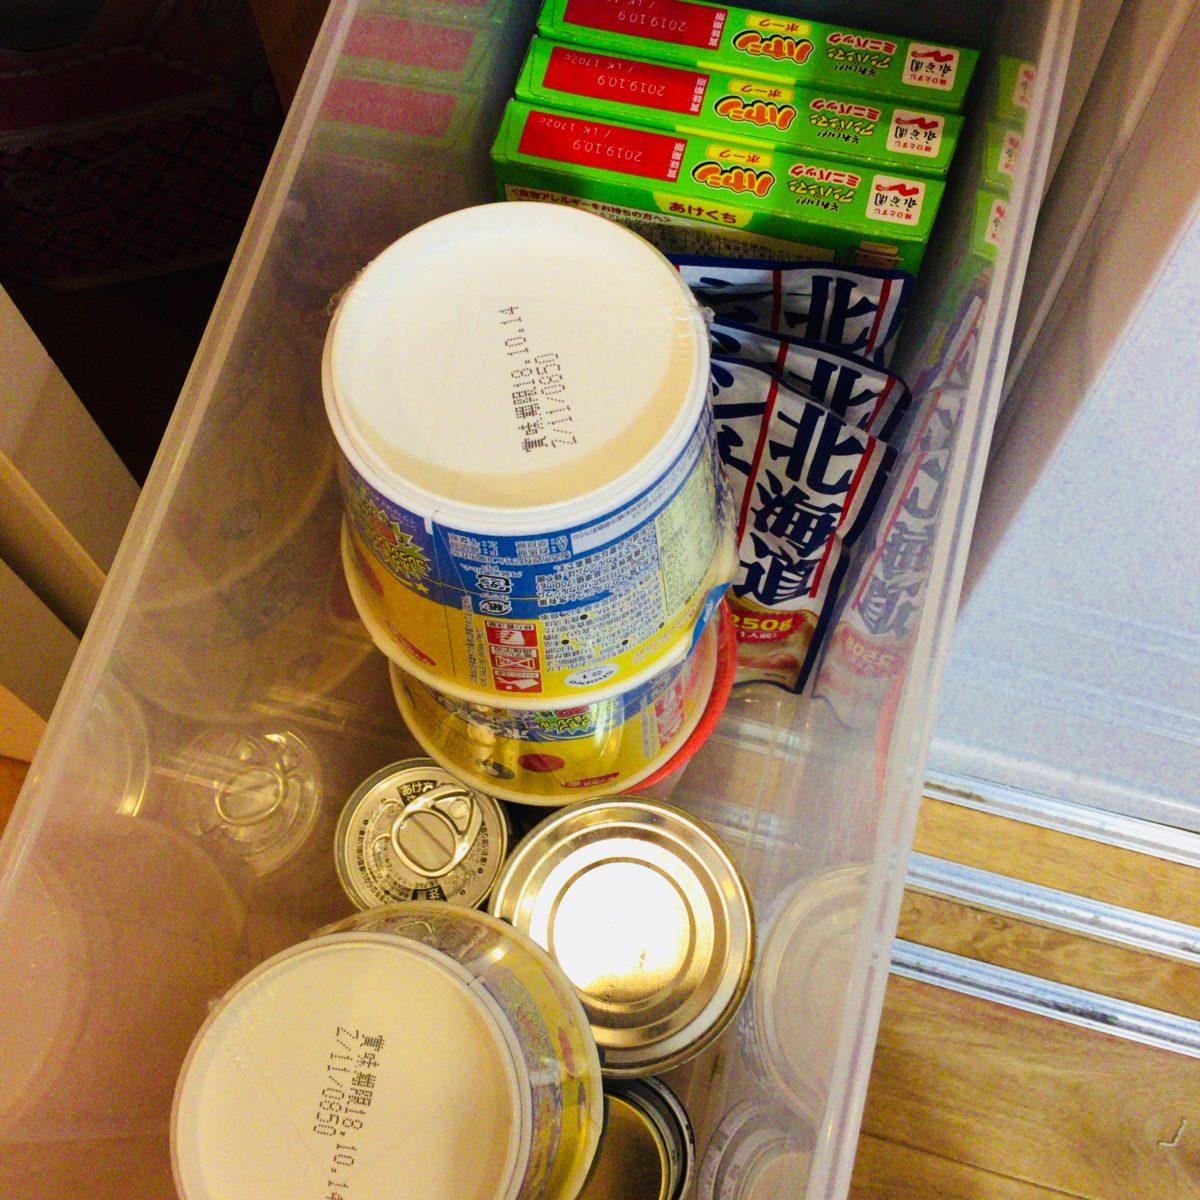 減災のための缶詰やレトルトの備蓄